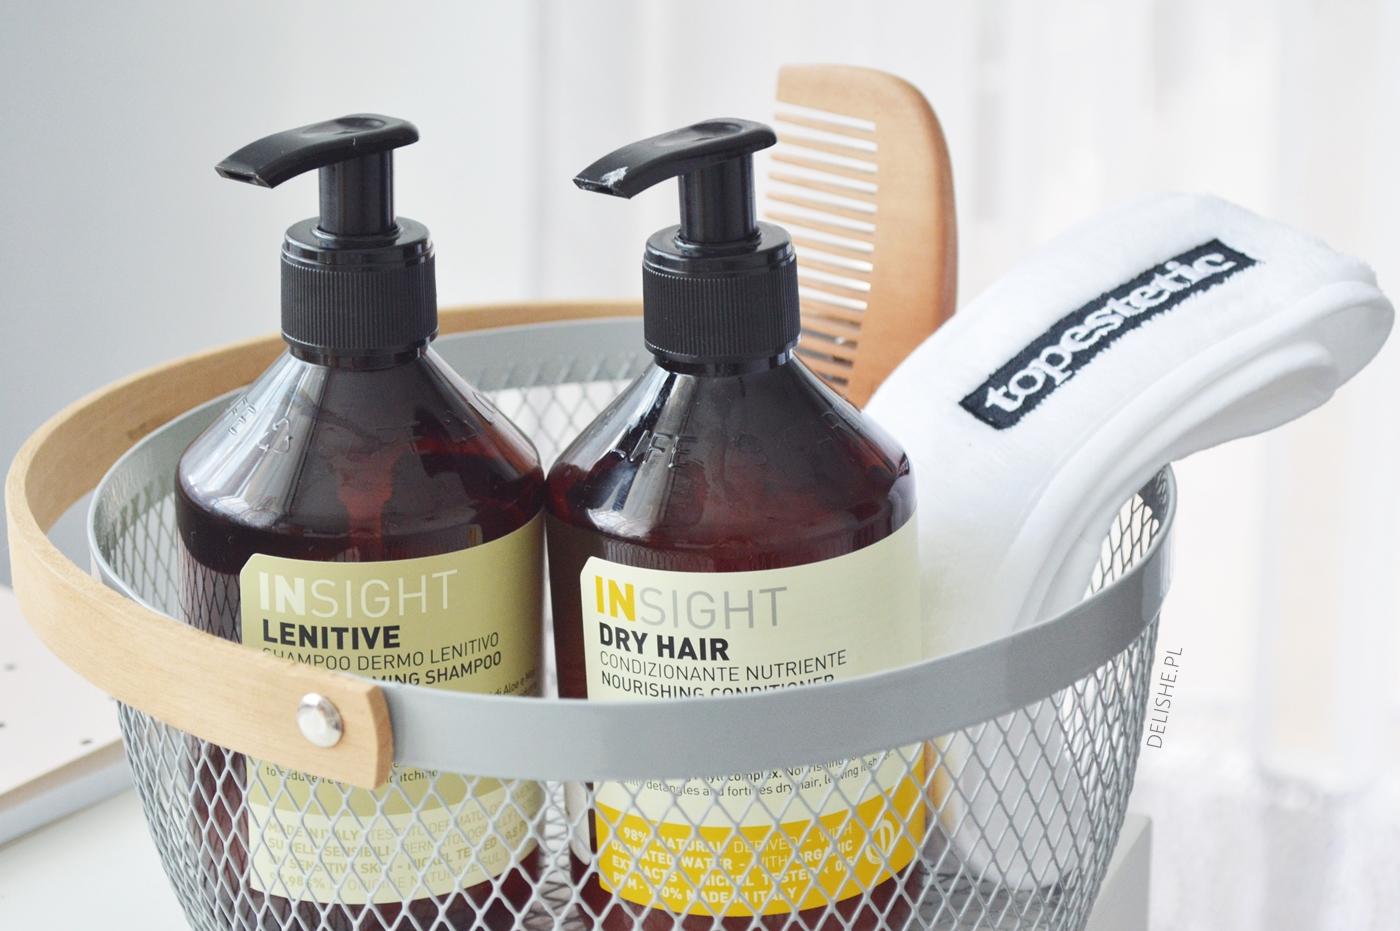 szampony insight pielęgnacja włosów blog